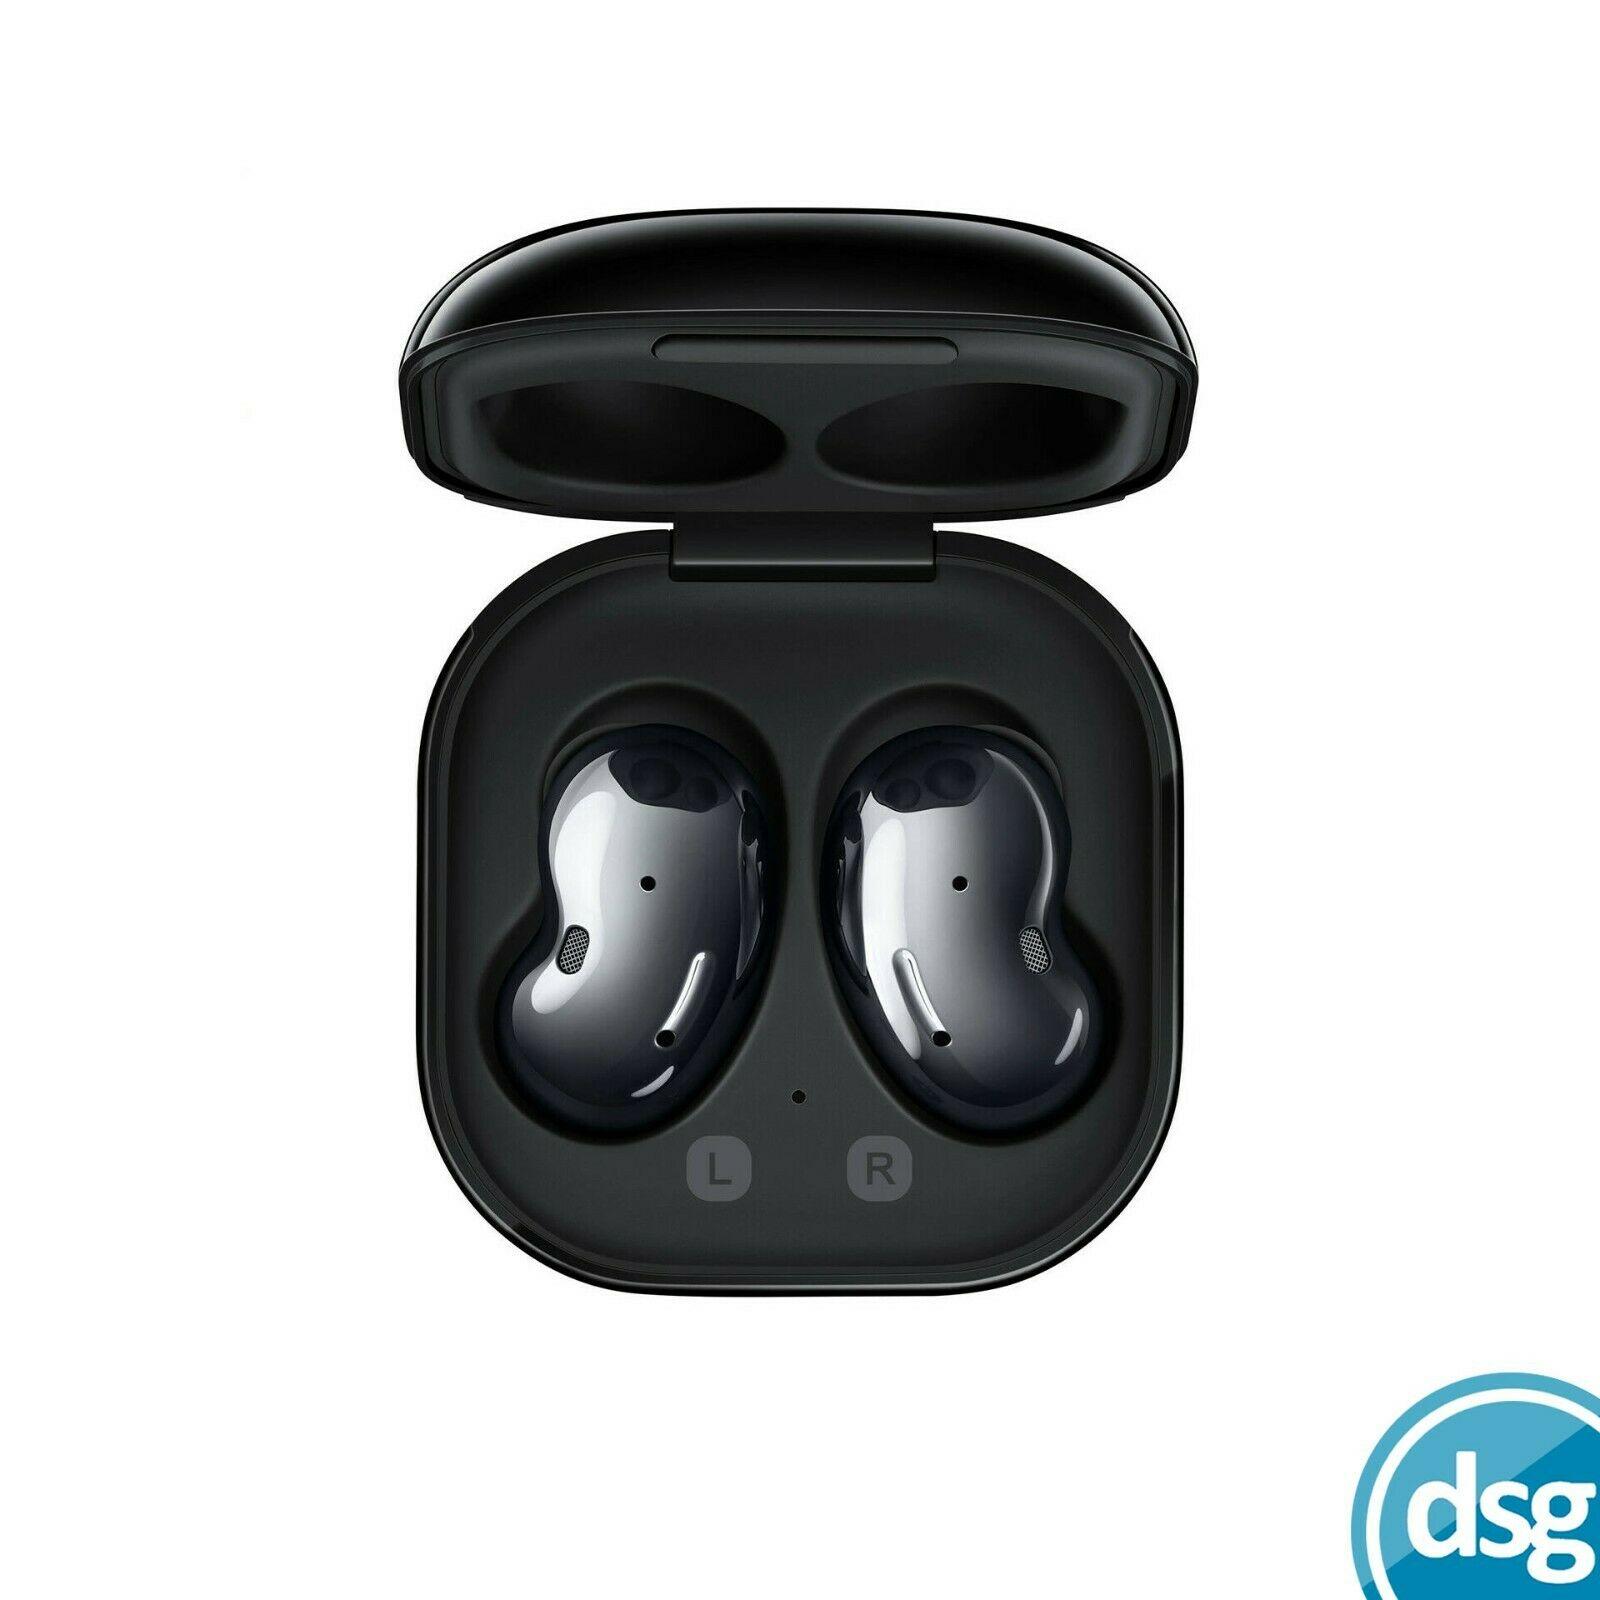 Samsung Galaxy Buds Live True Wireless Earbud Headphones - Mystic Black - seller refurbished - £89.99 delivered @ dsg_outlet / eBay